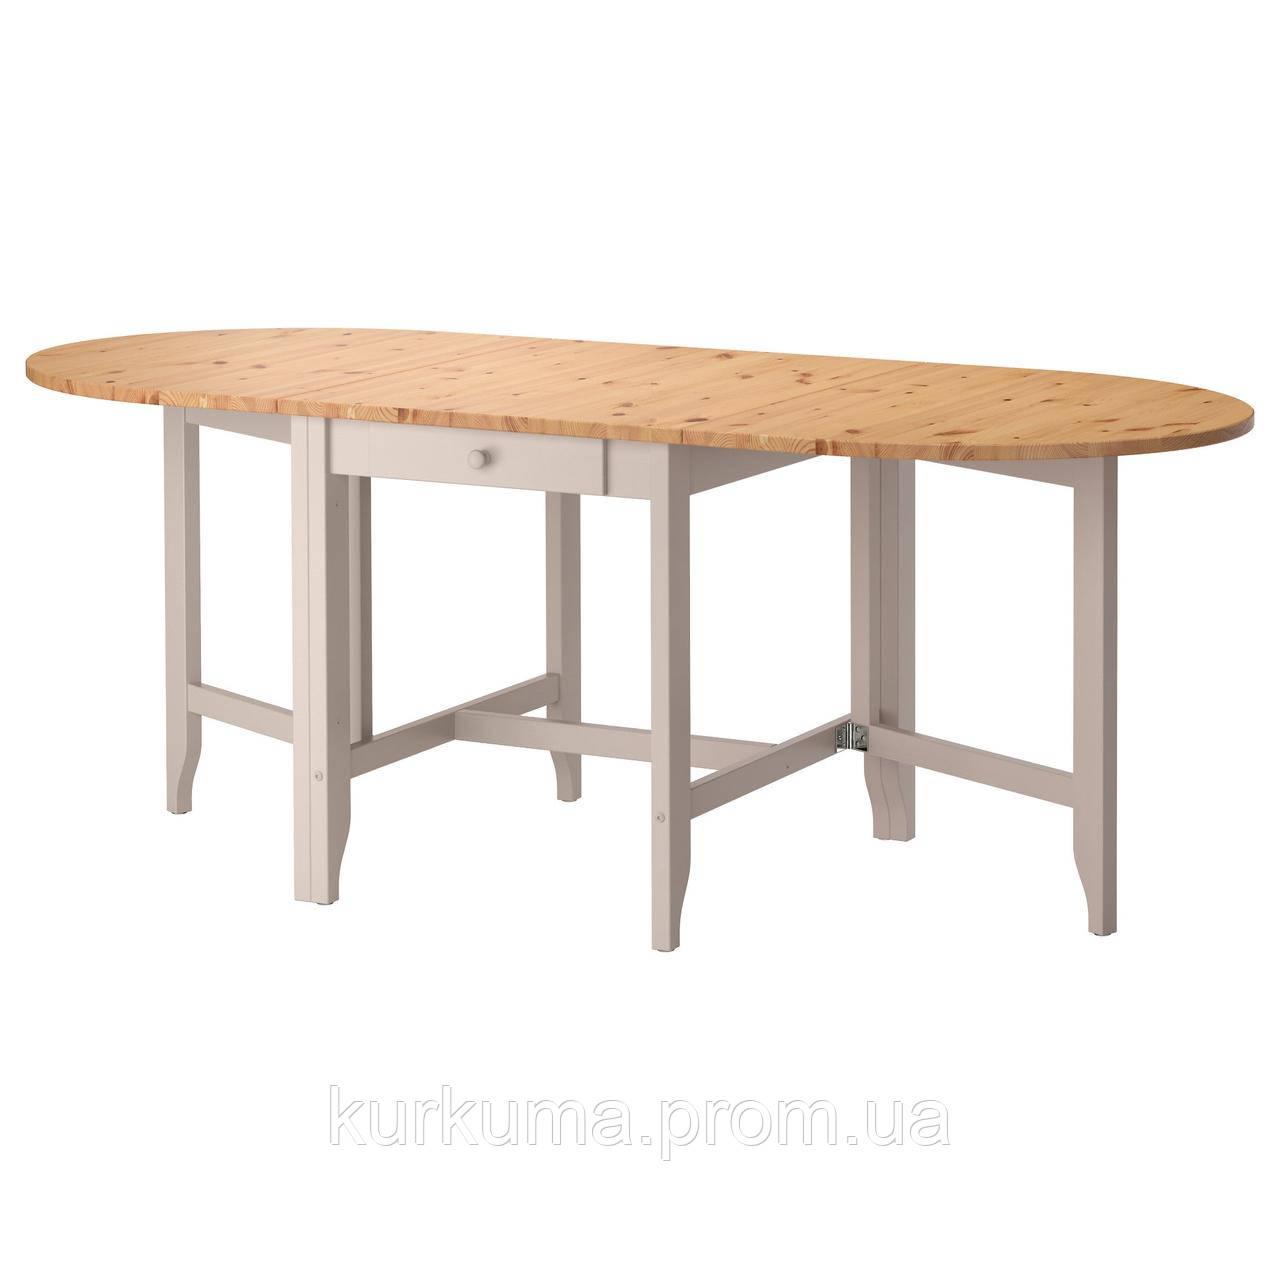 IKEA GAMLEBY Стол c откидными столешницами, светлая патина пятно, серый  (602.470.27)